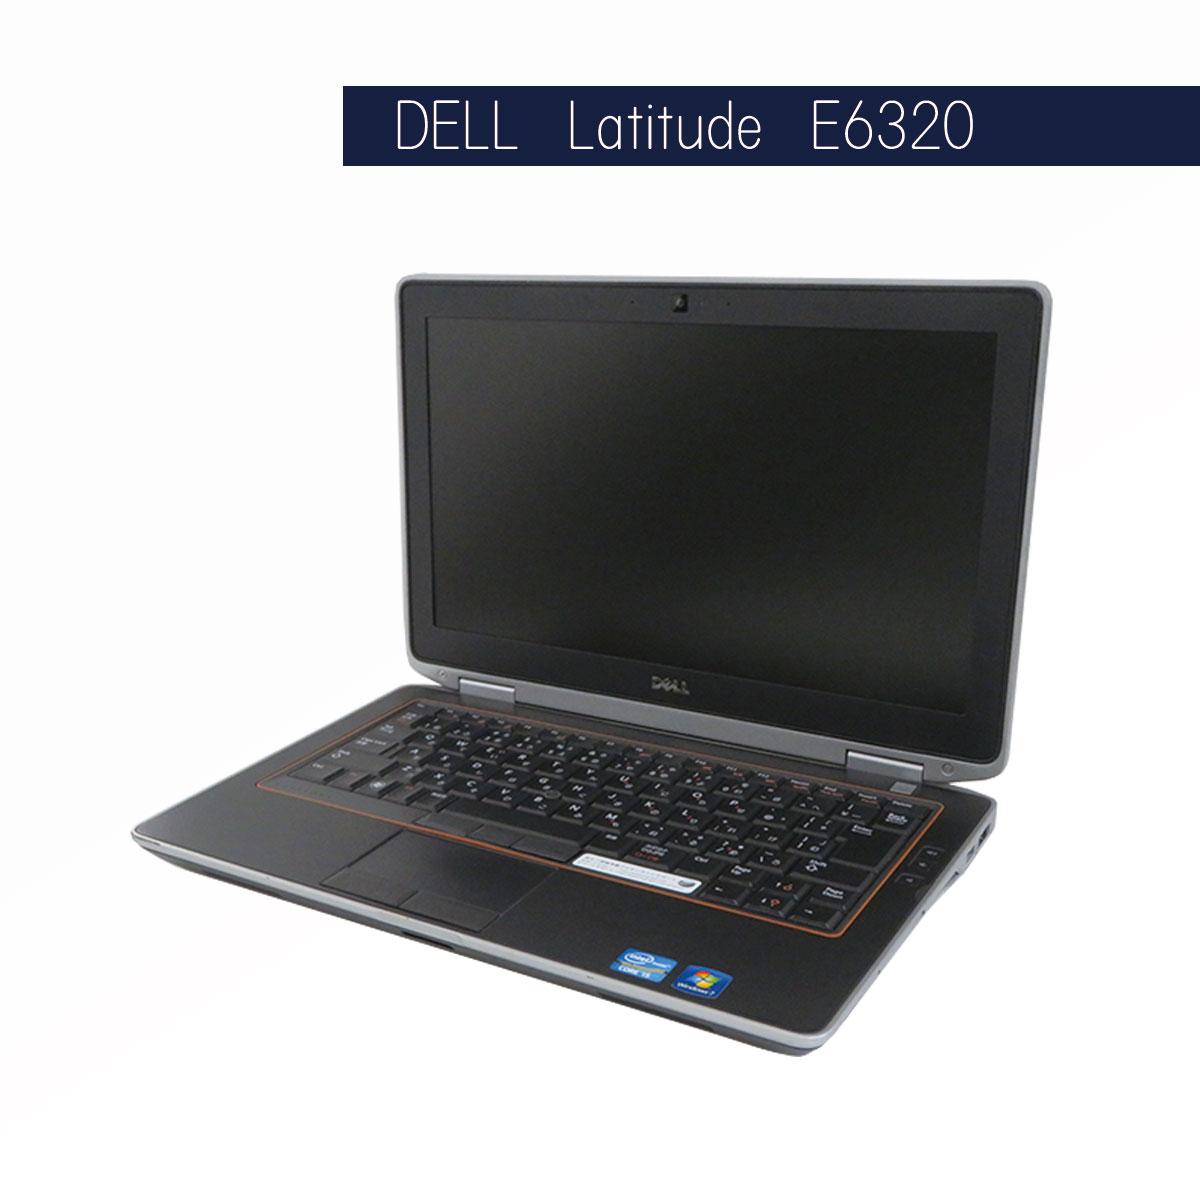 DELL Latitude E6320 Core i5 4GB 250GB (Win10Pro)